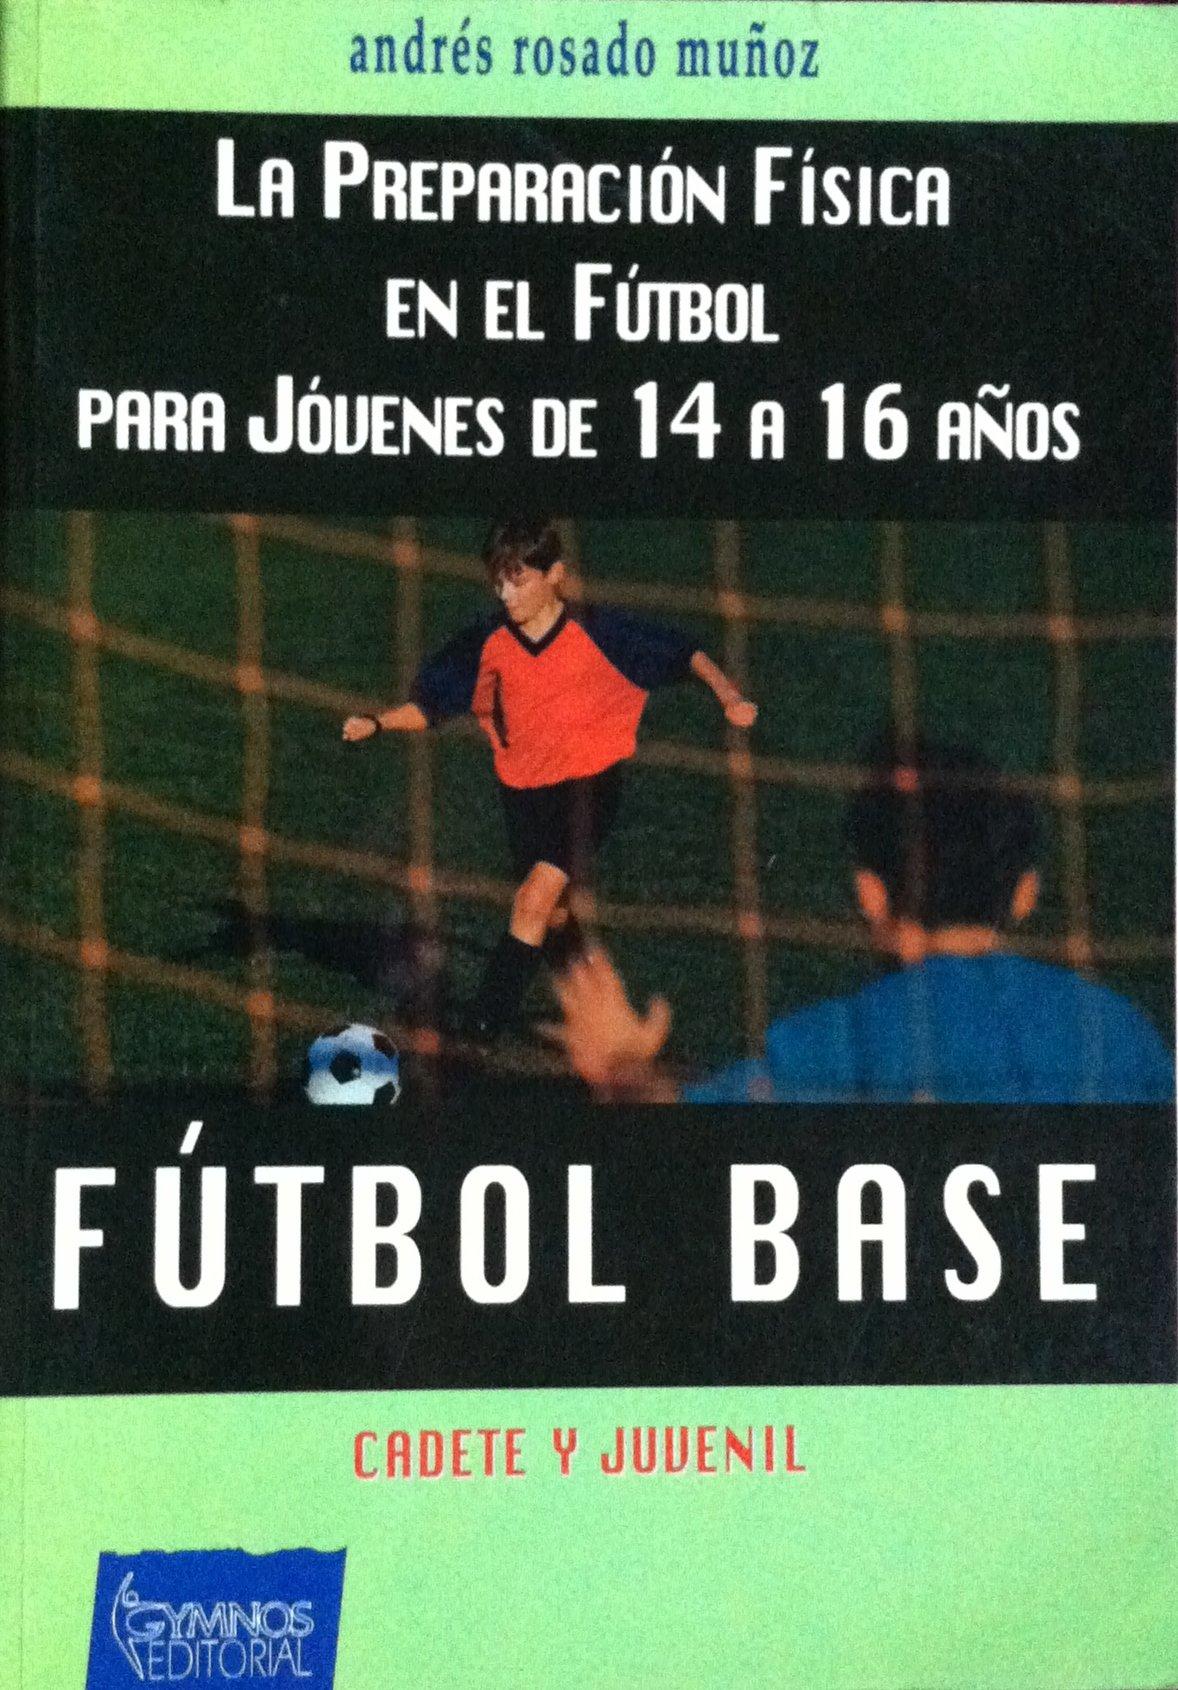 Preparacion Fisica En El Futbol - 14 a 16 Anos (Spanish Edition) (Spanish) Paperback – November, 2001